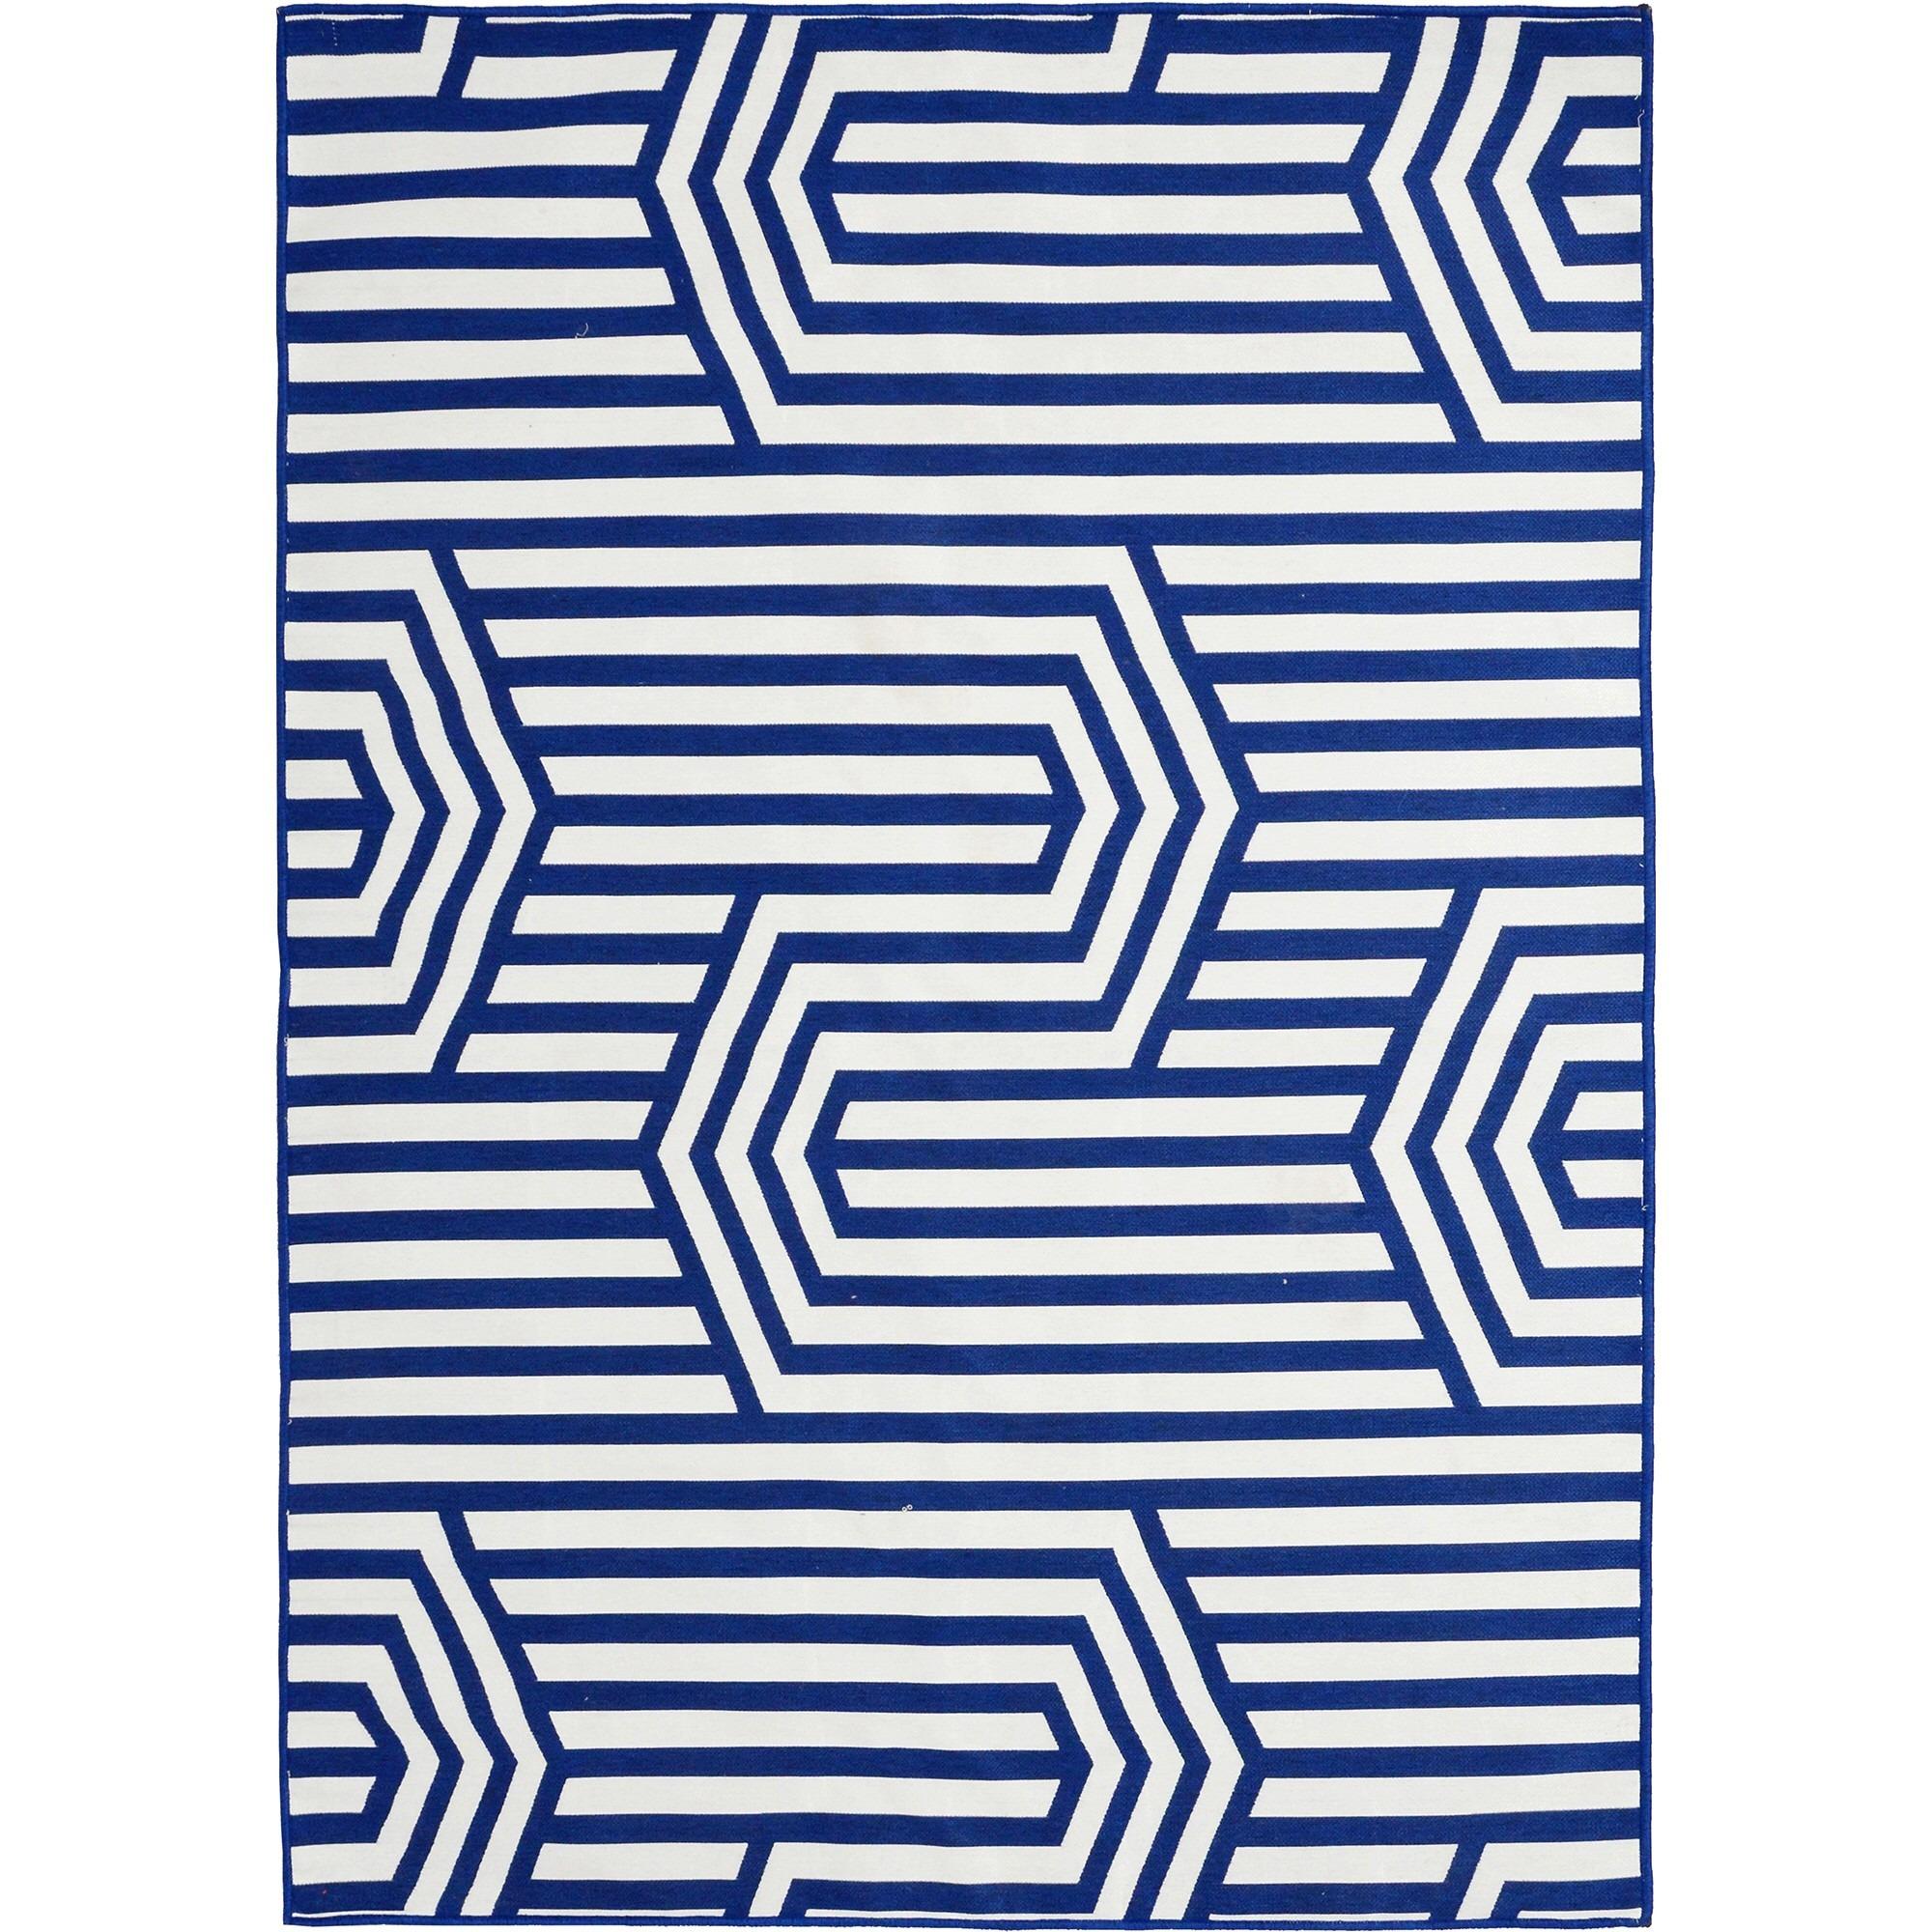 Carpette Intérieur/ Extérieur BLUEBELL